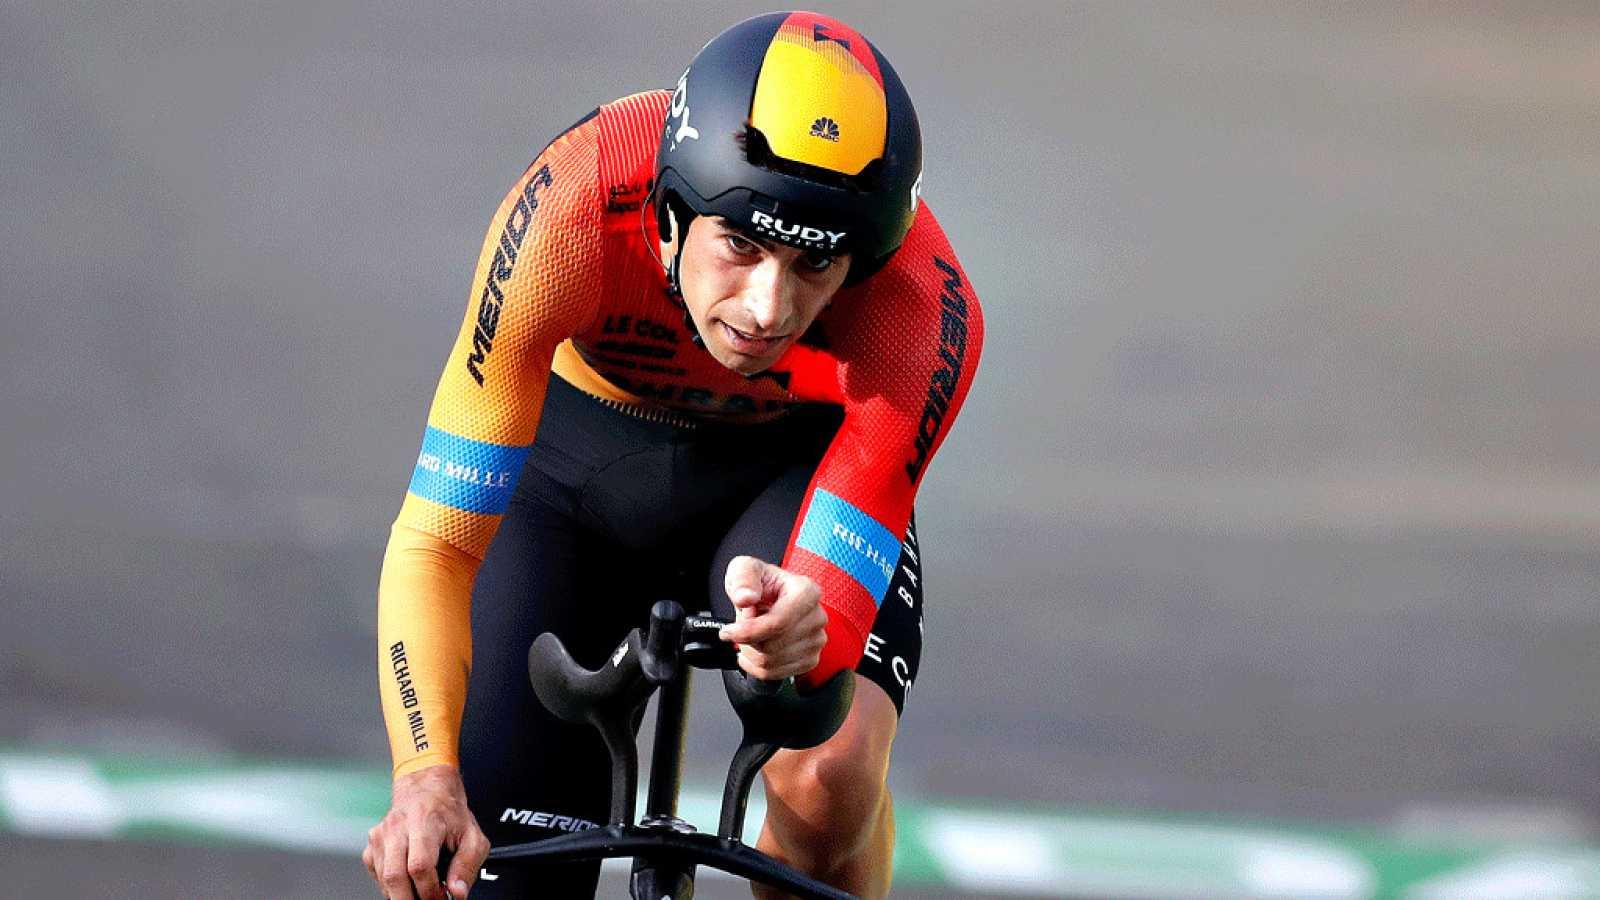 Imagen de Mikel Landa (Barhain) durante la etapa 20 del Tour de FFrancia 2020.